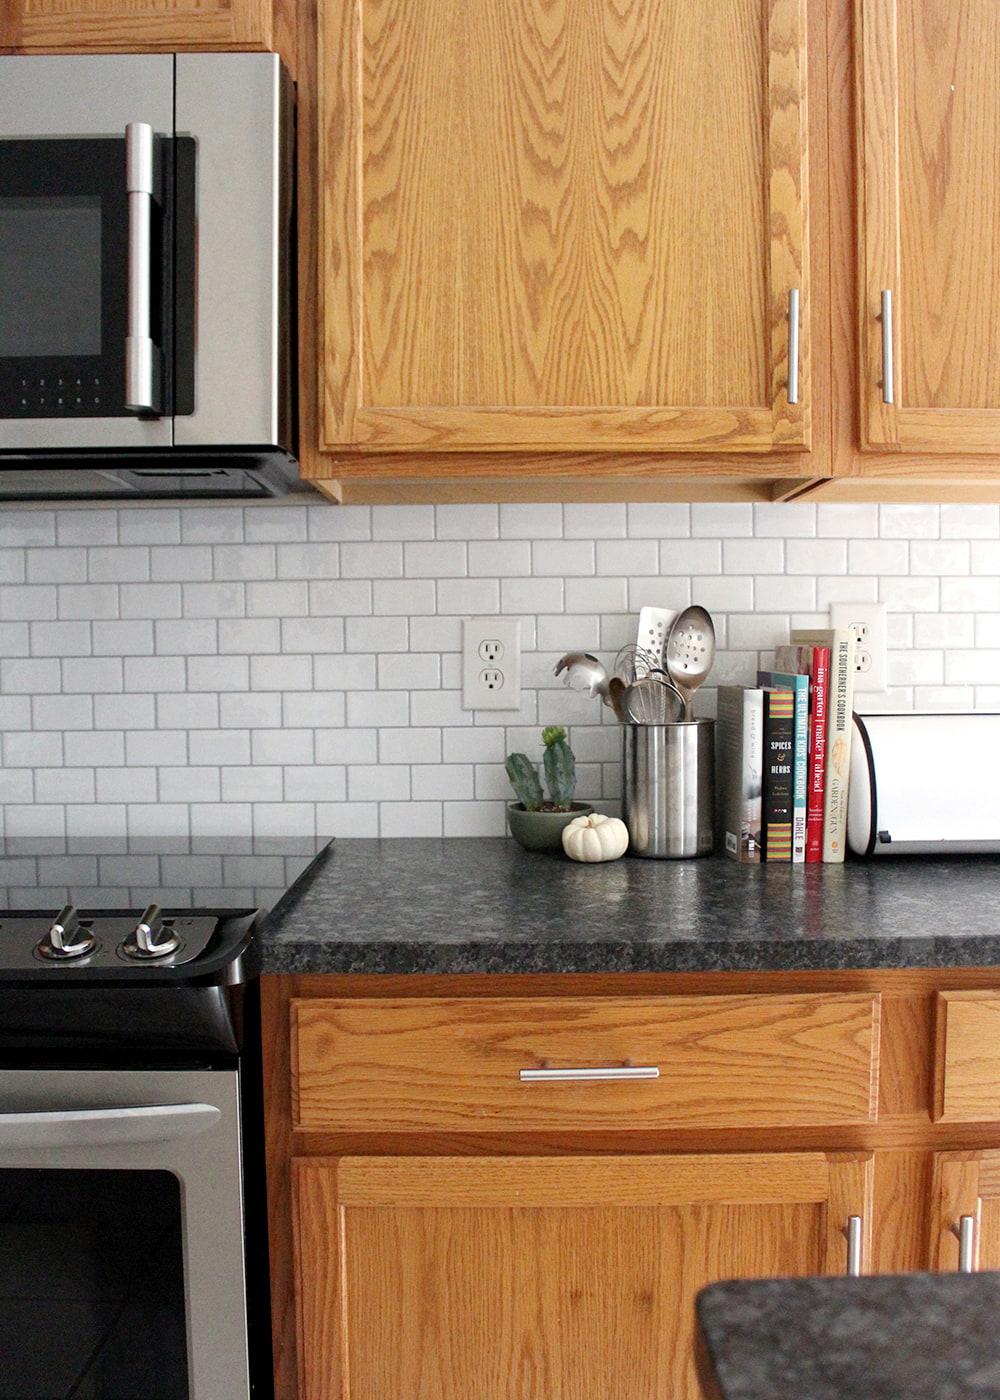 DIY peel and stick subway tile backsplash for under $125